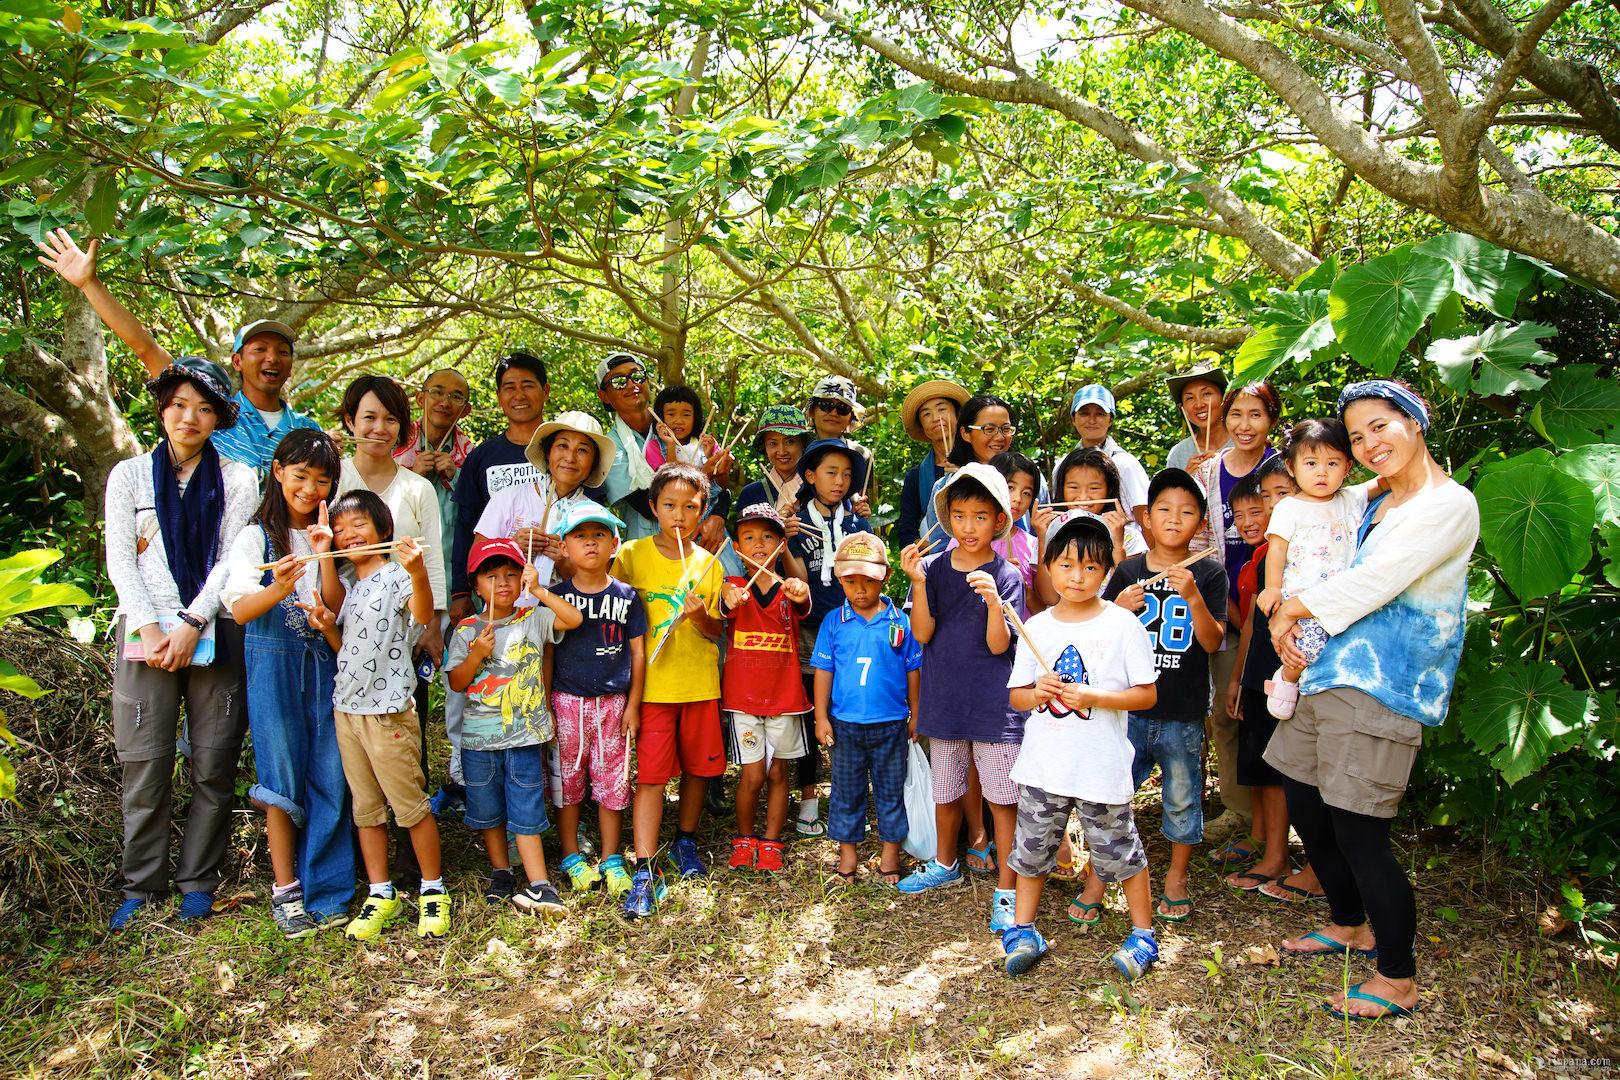 石垣島里山づくりプロジェクトで沢山の木が植りました